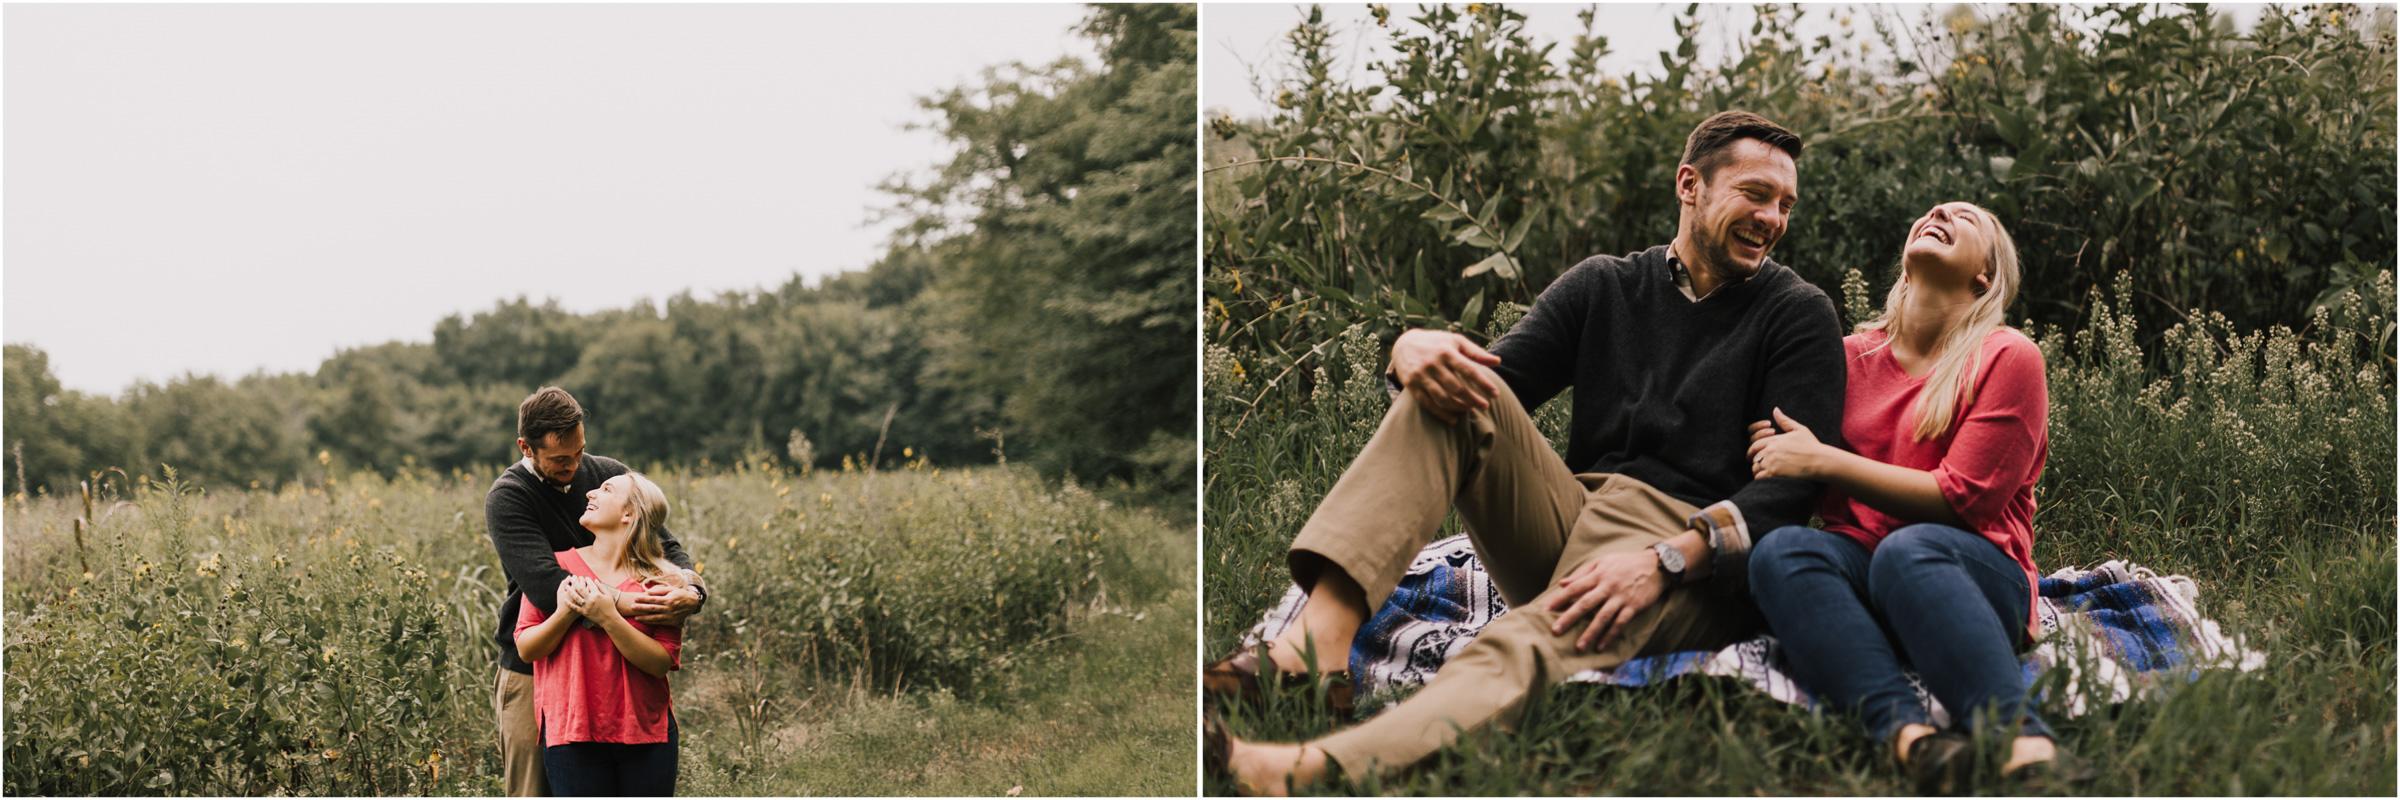 alyssa barletter photography burr oak nature center engagement session summer kansas city-20.jpg